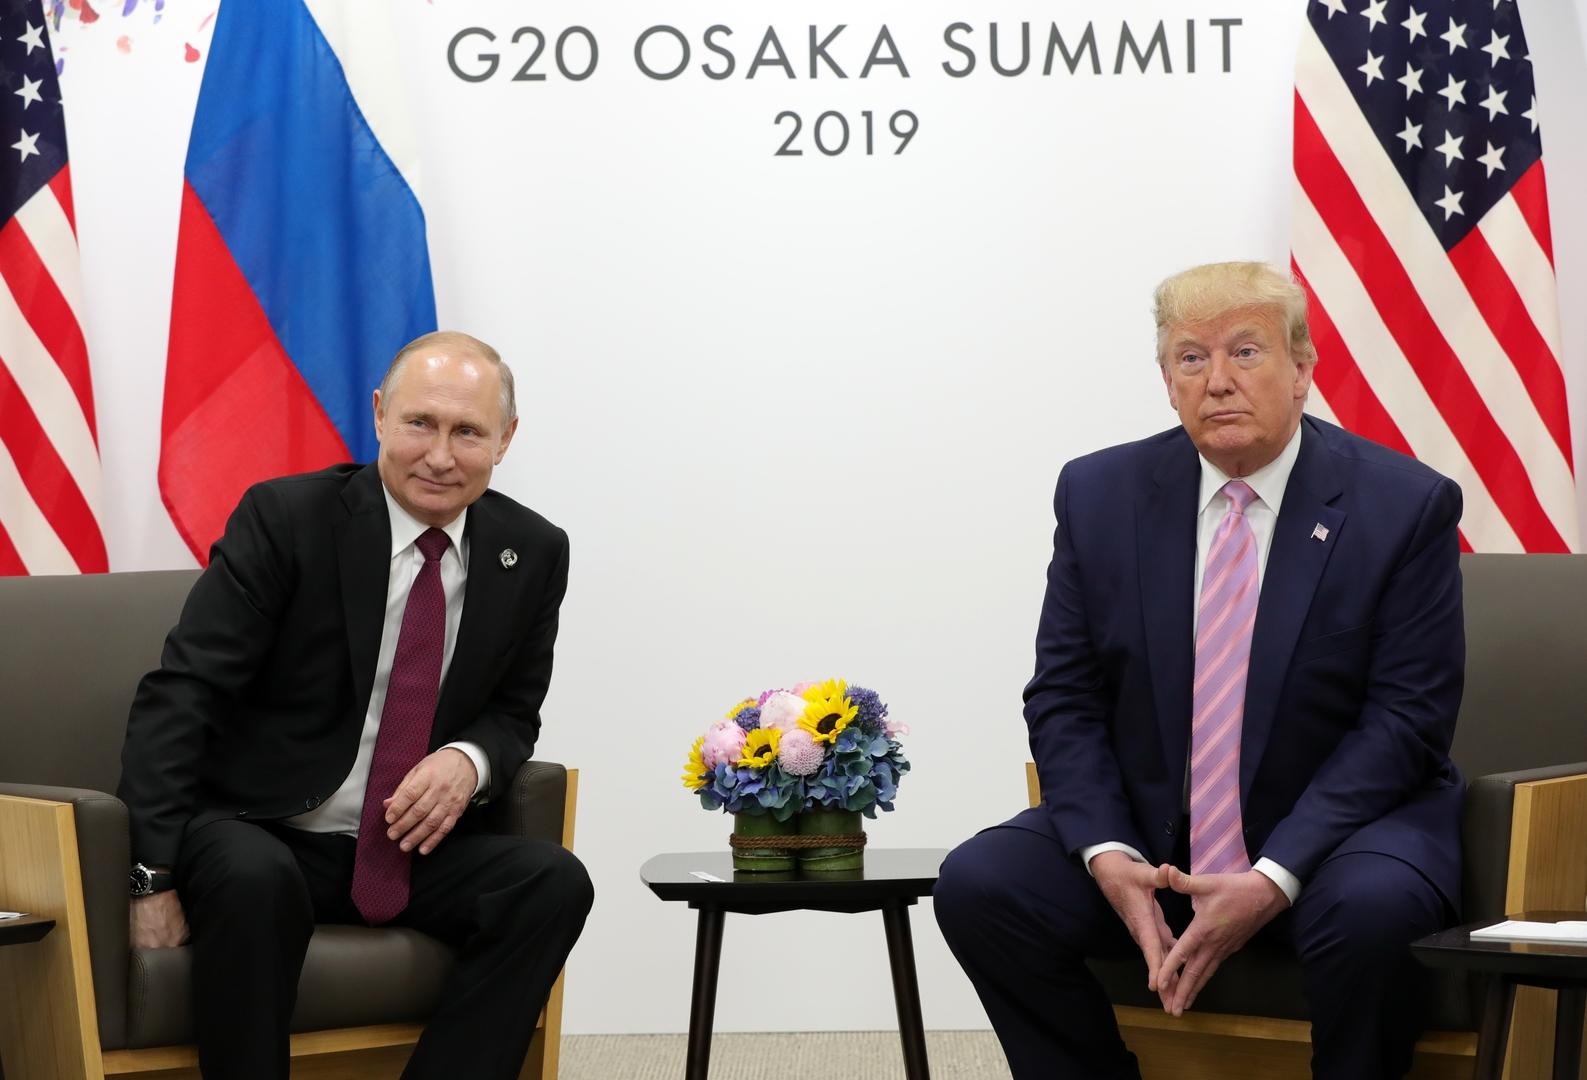 الرئيس الأمريكي، دونالد ترامب، ونظيره الروسي، فلاديمير بوتين